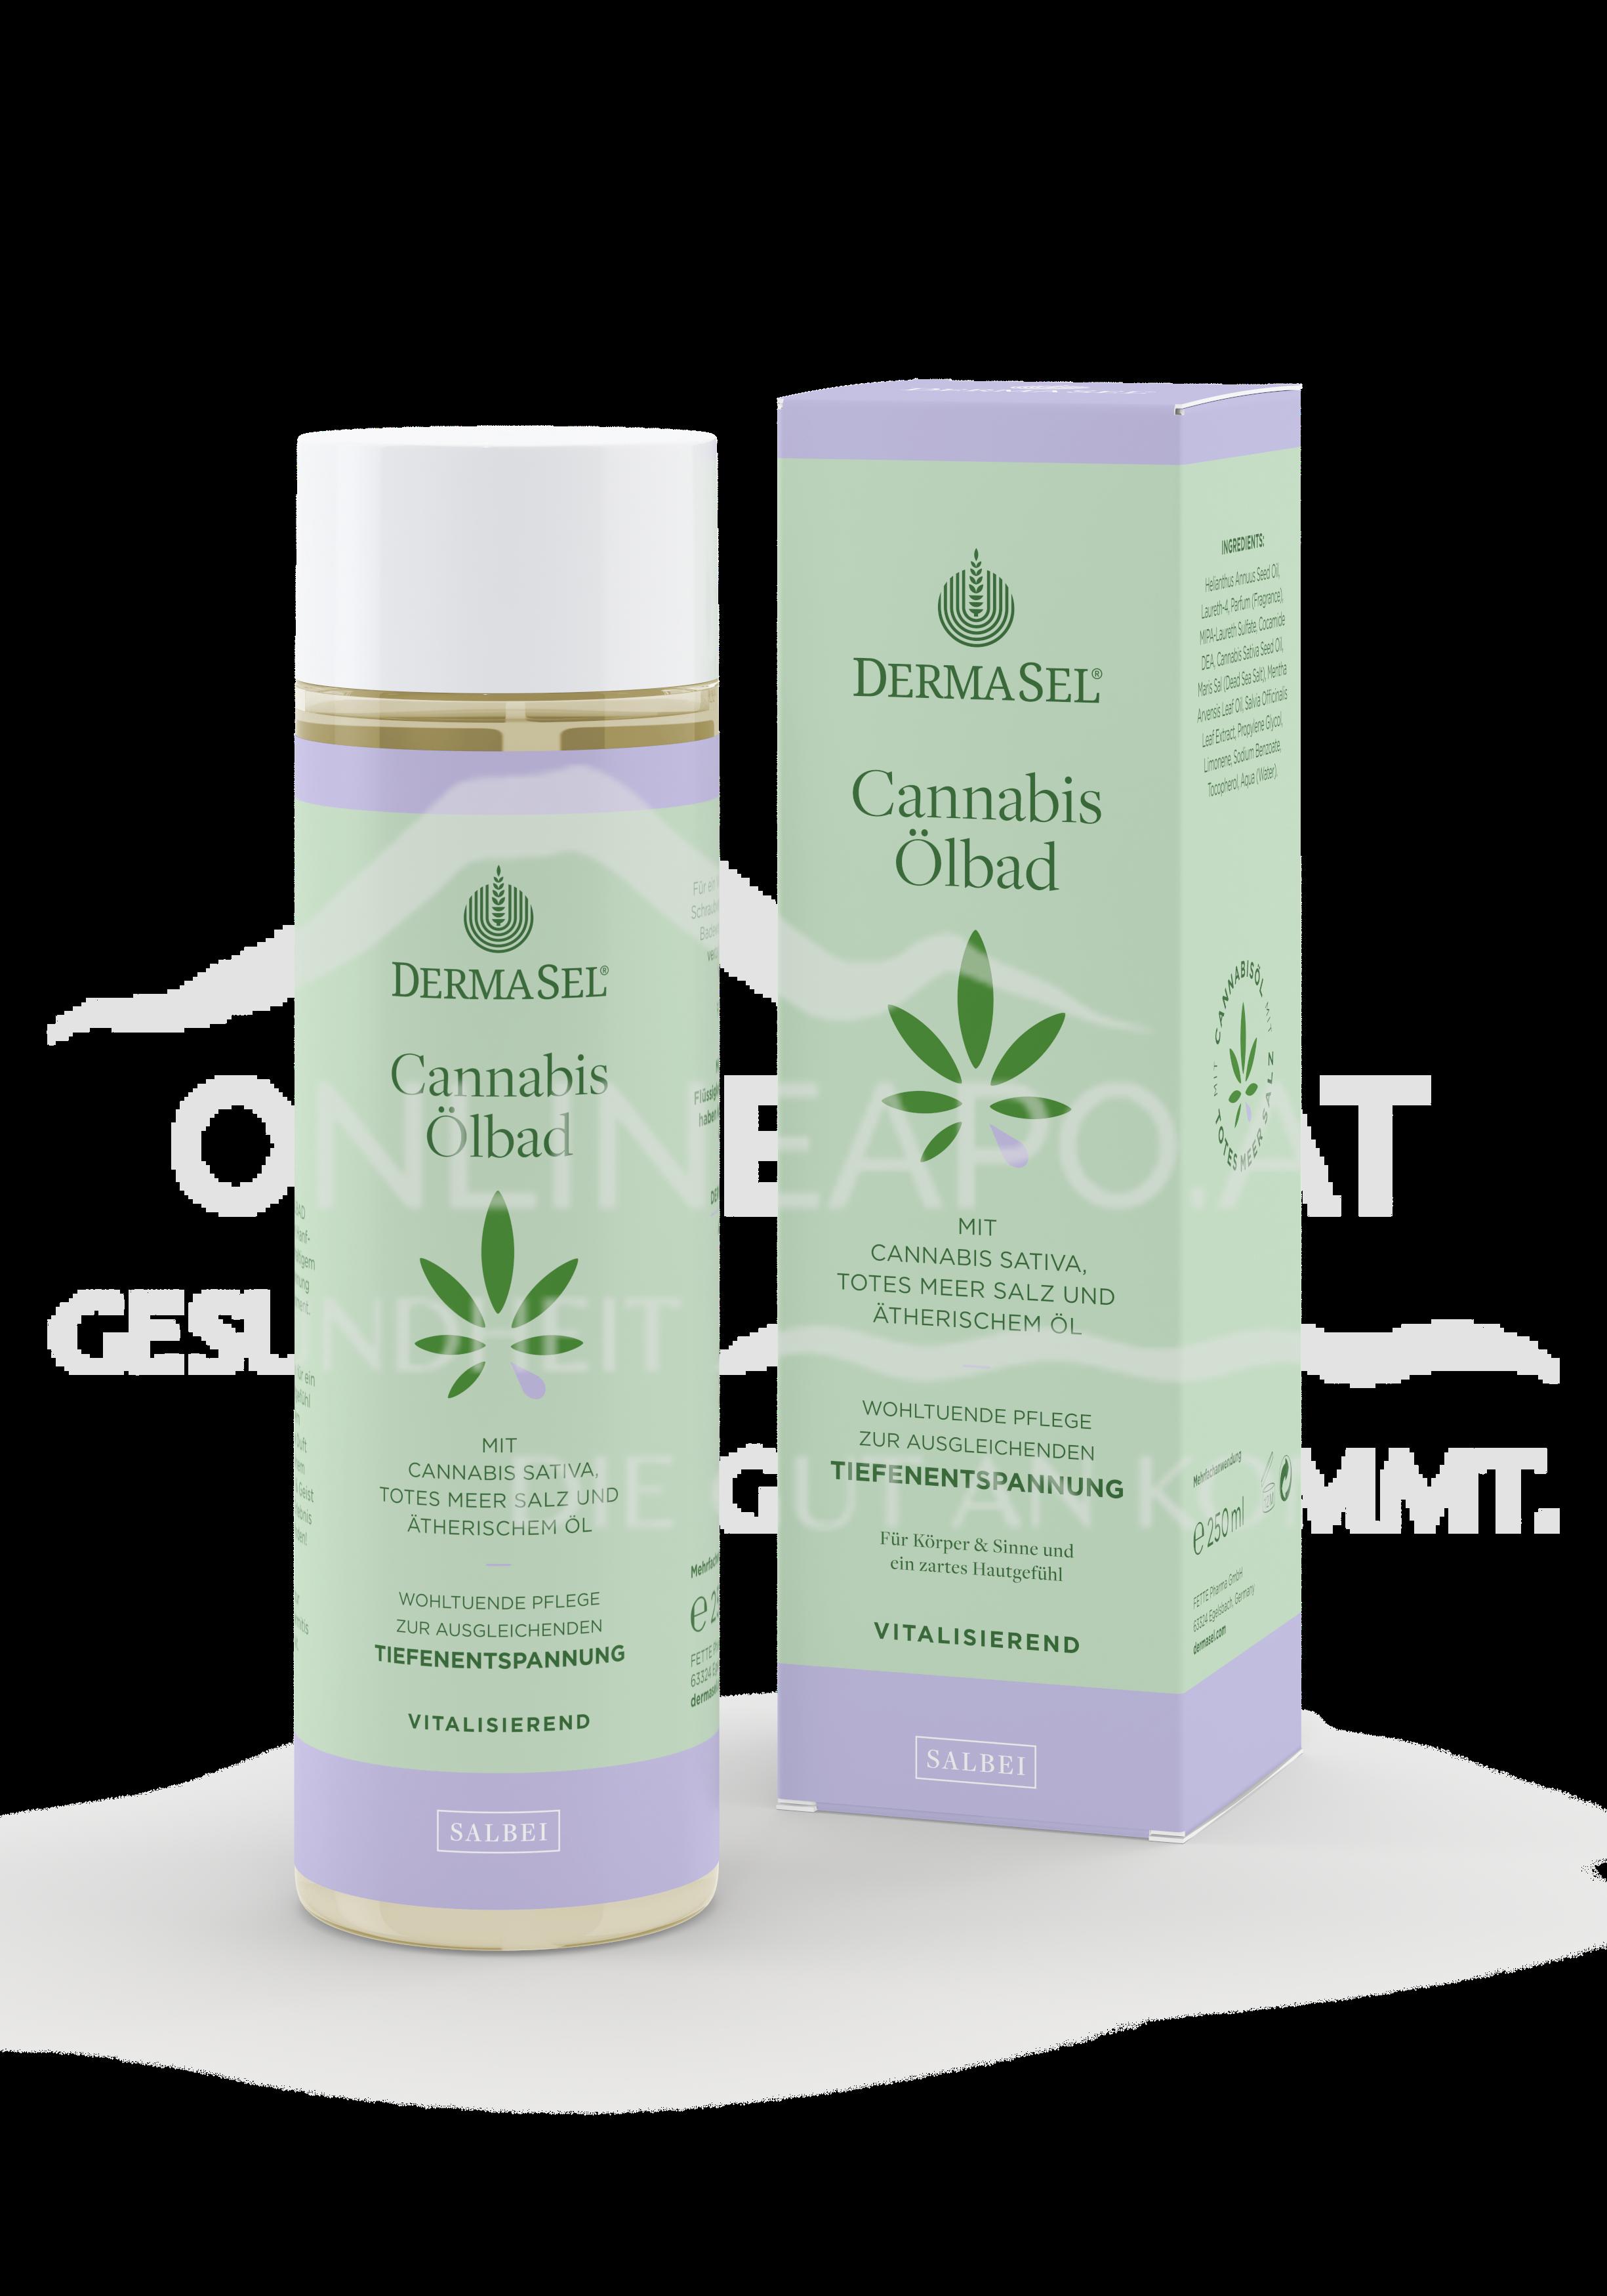 DermaSel® Cannabis Ölbad Salbei